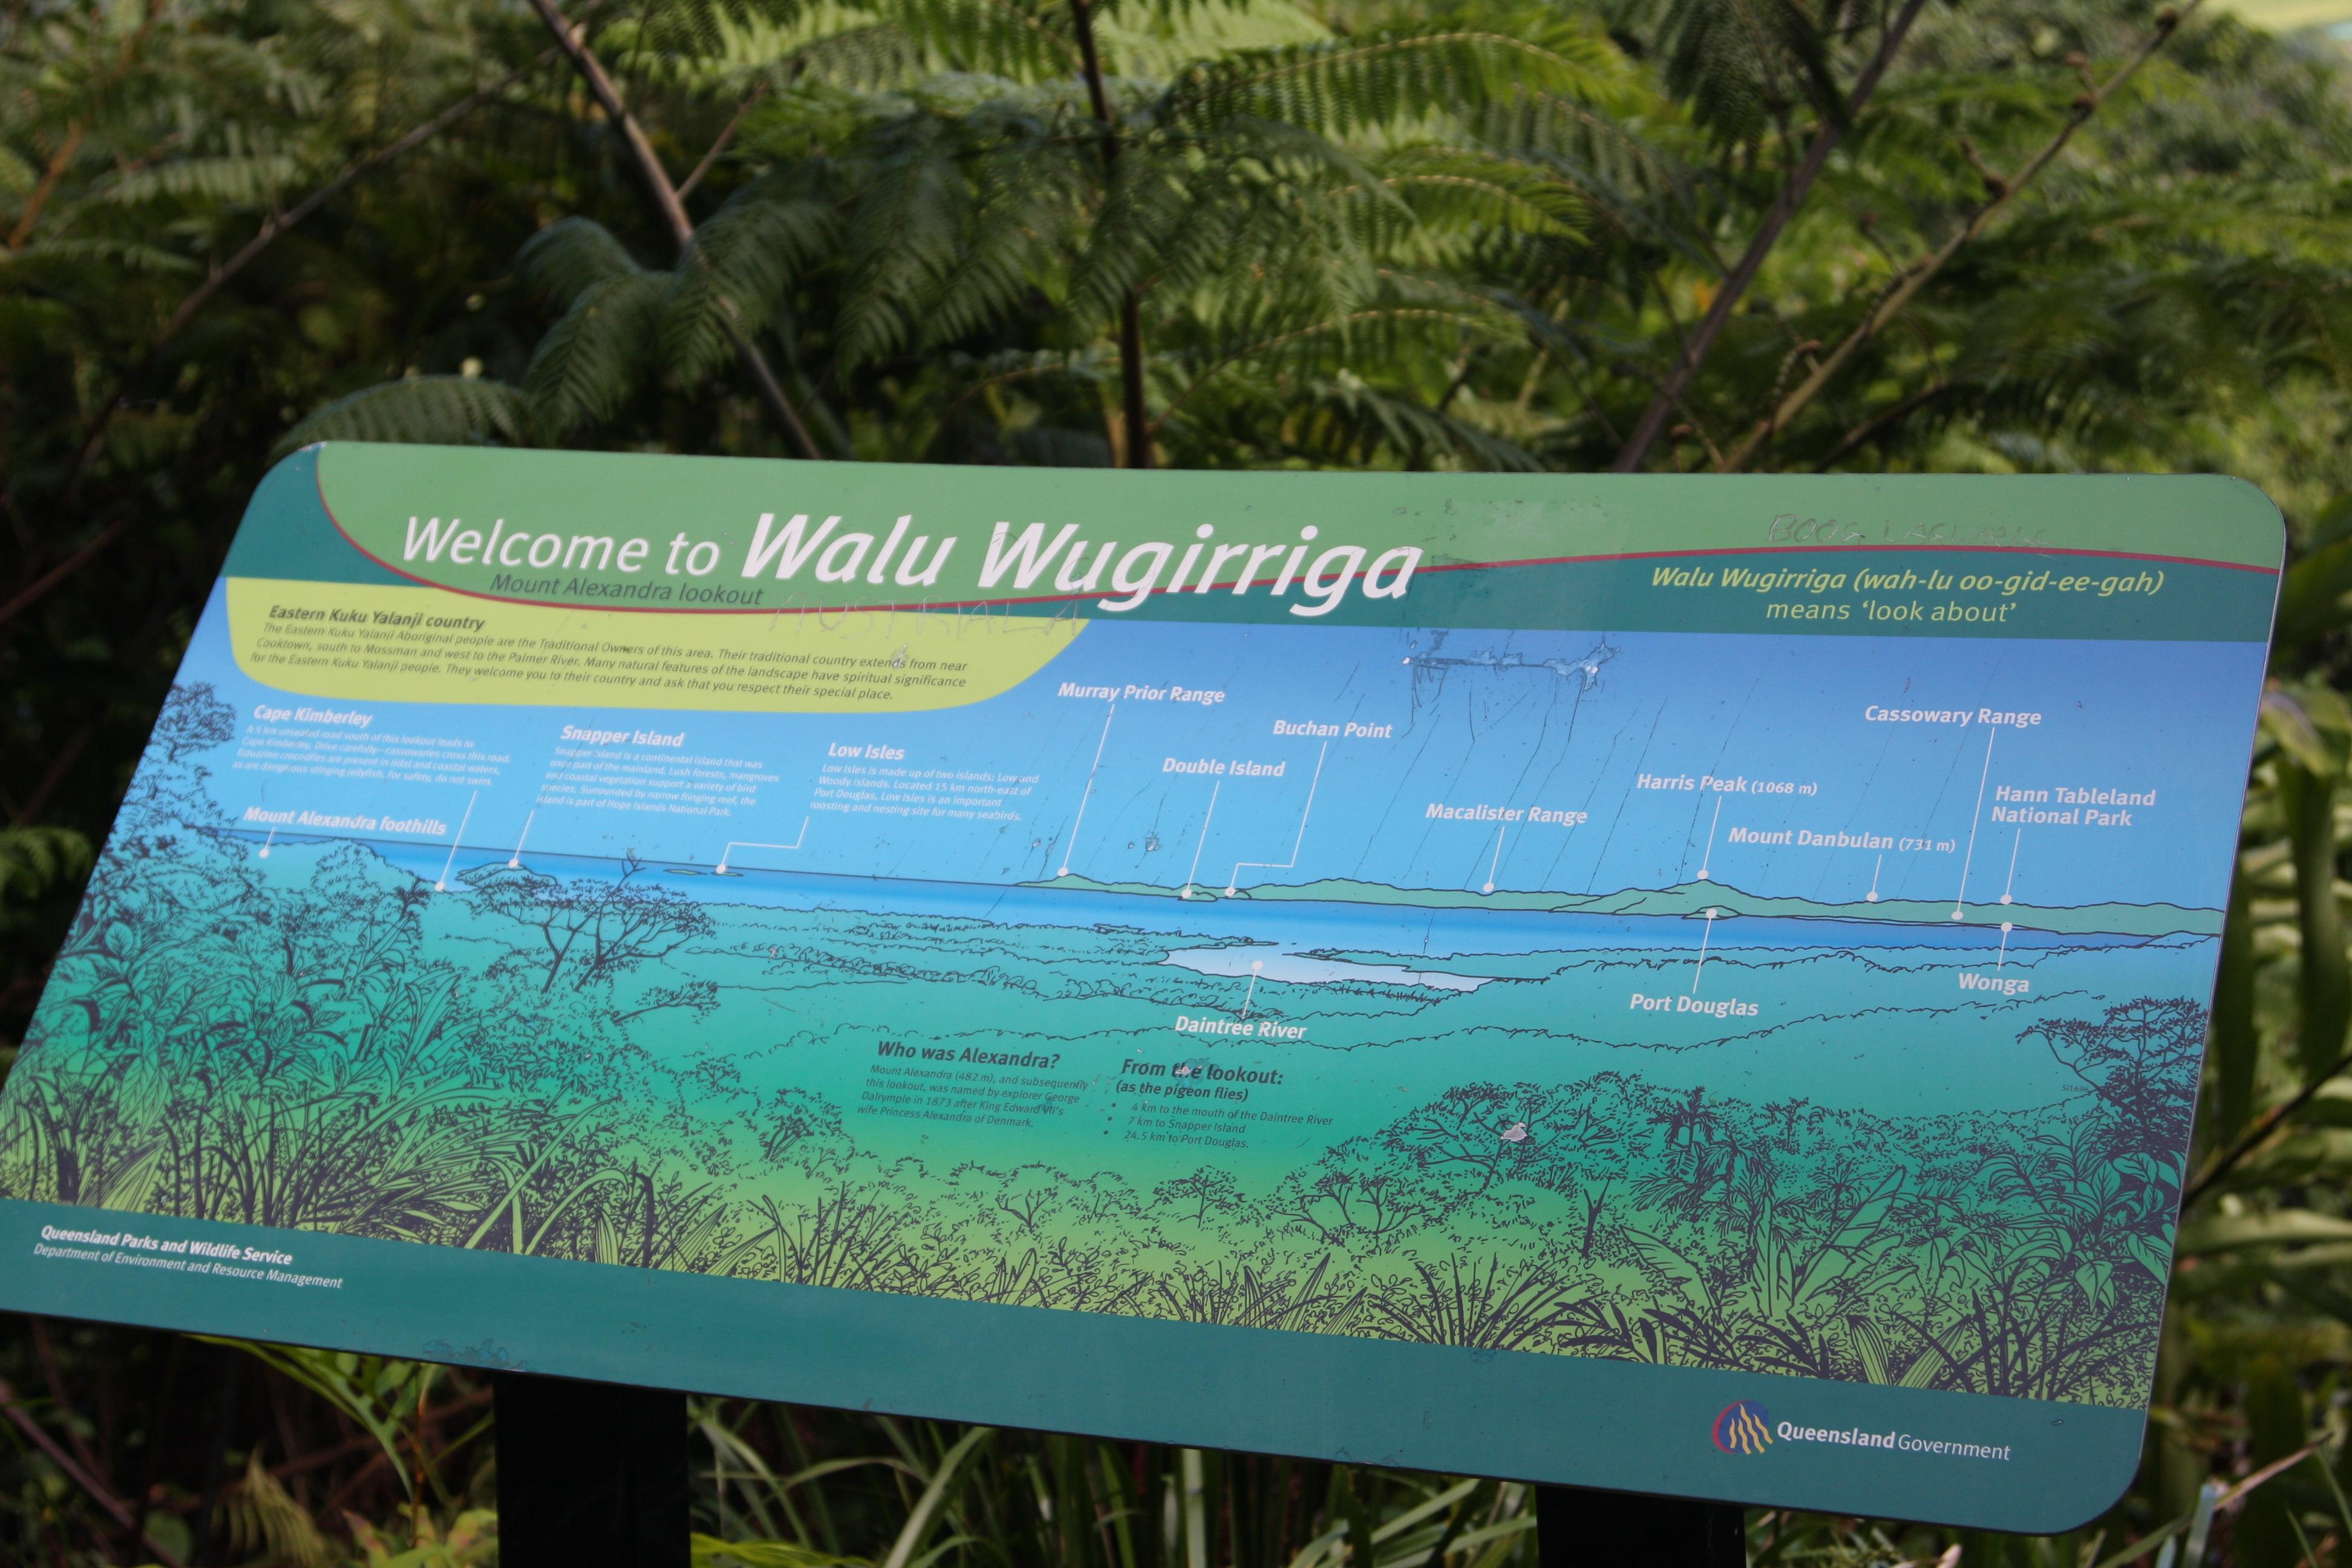 Walu Wugirriga sign